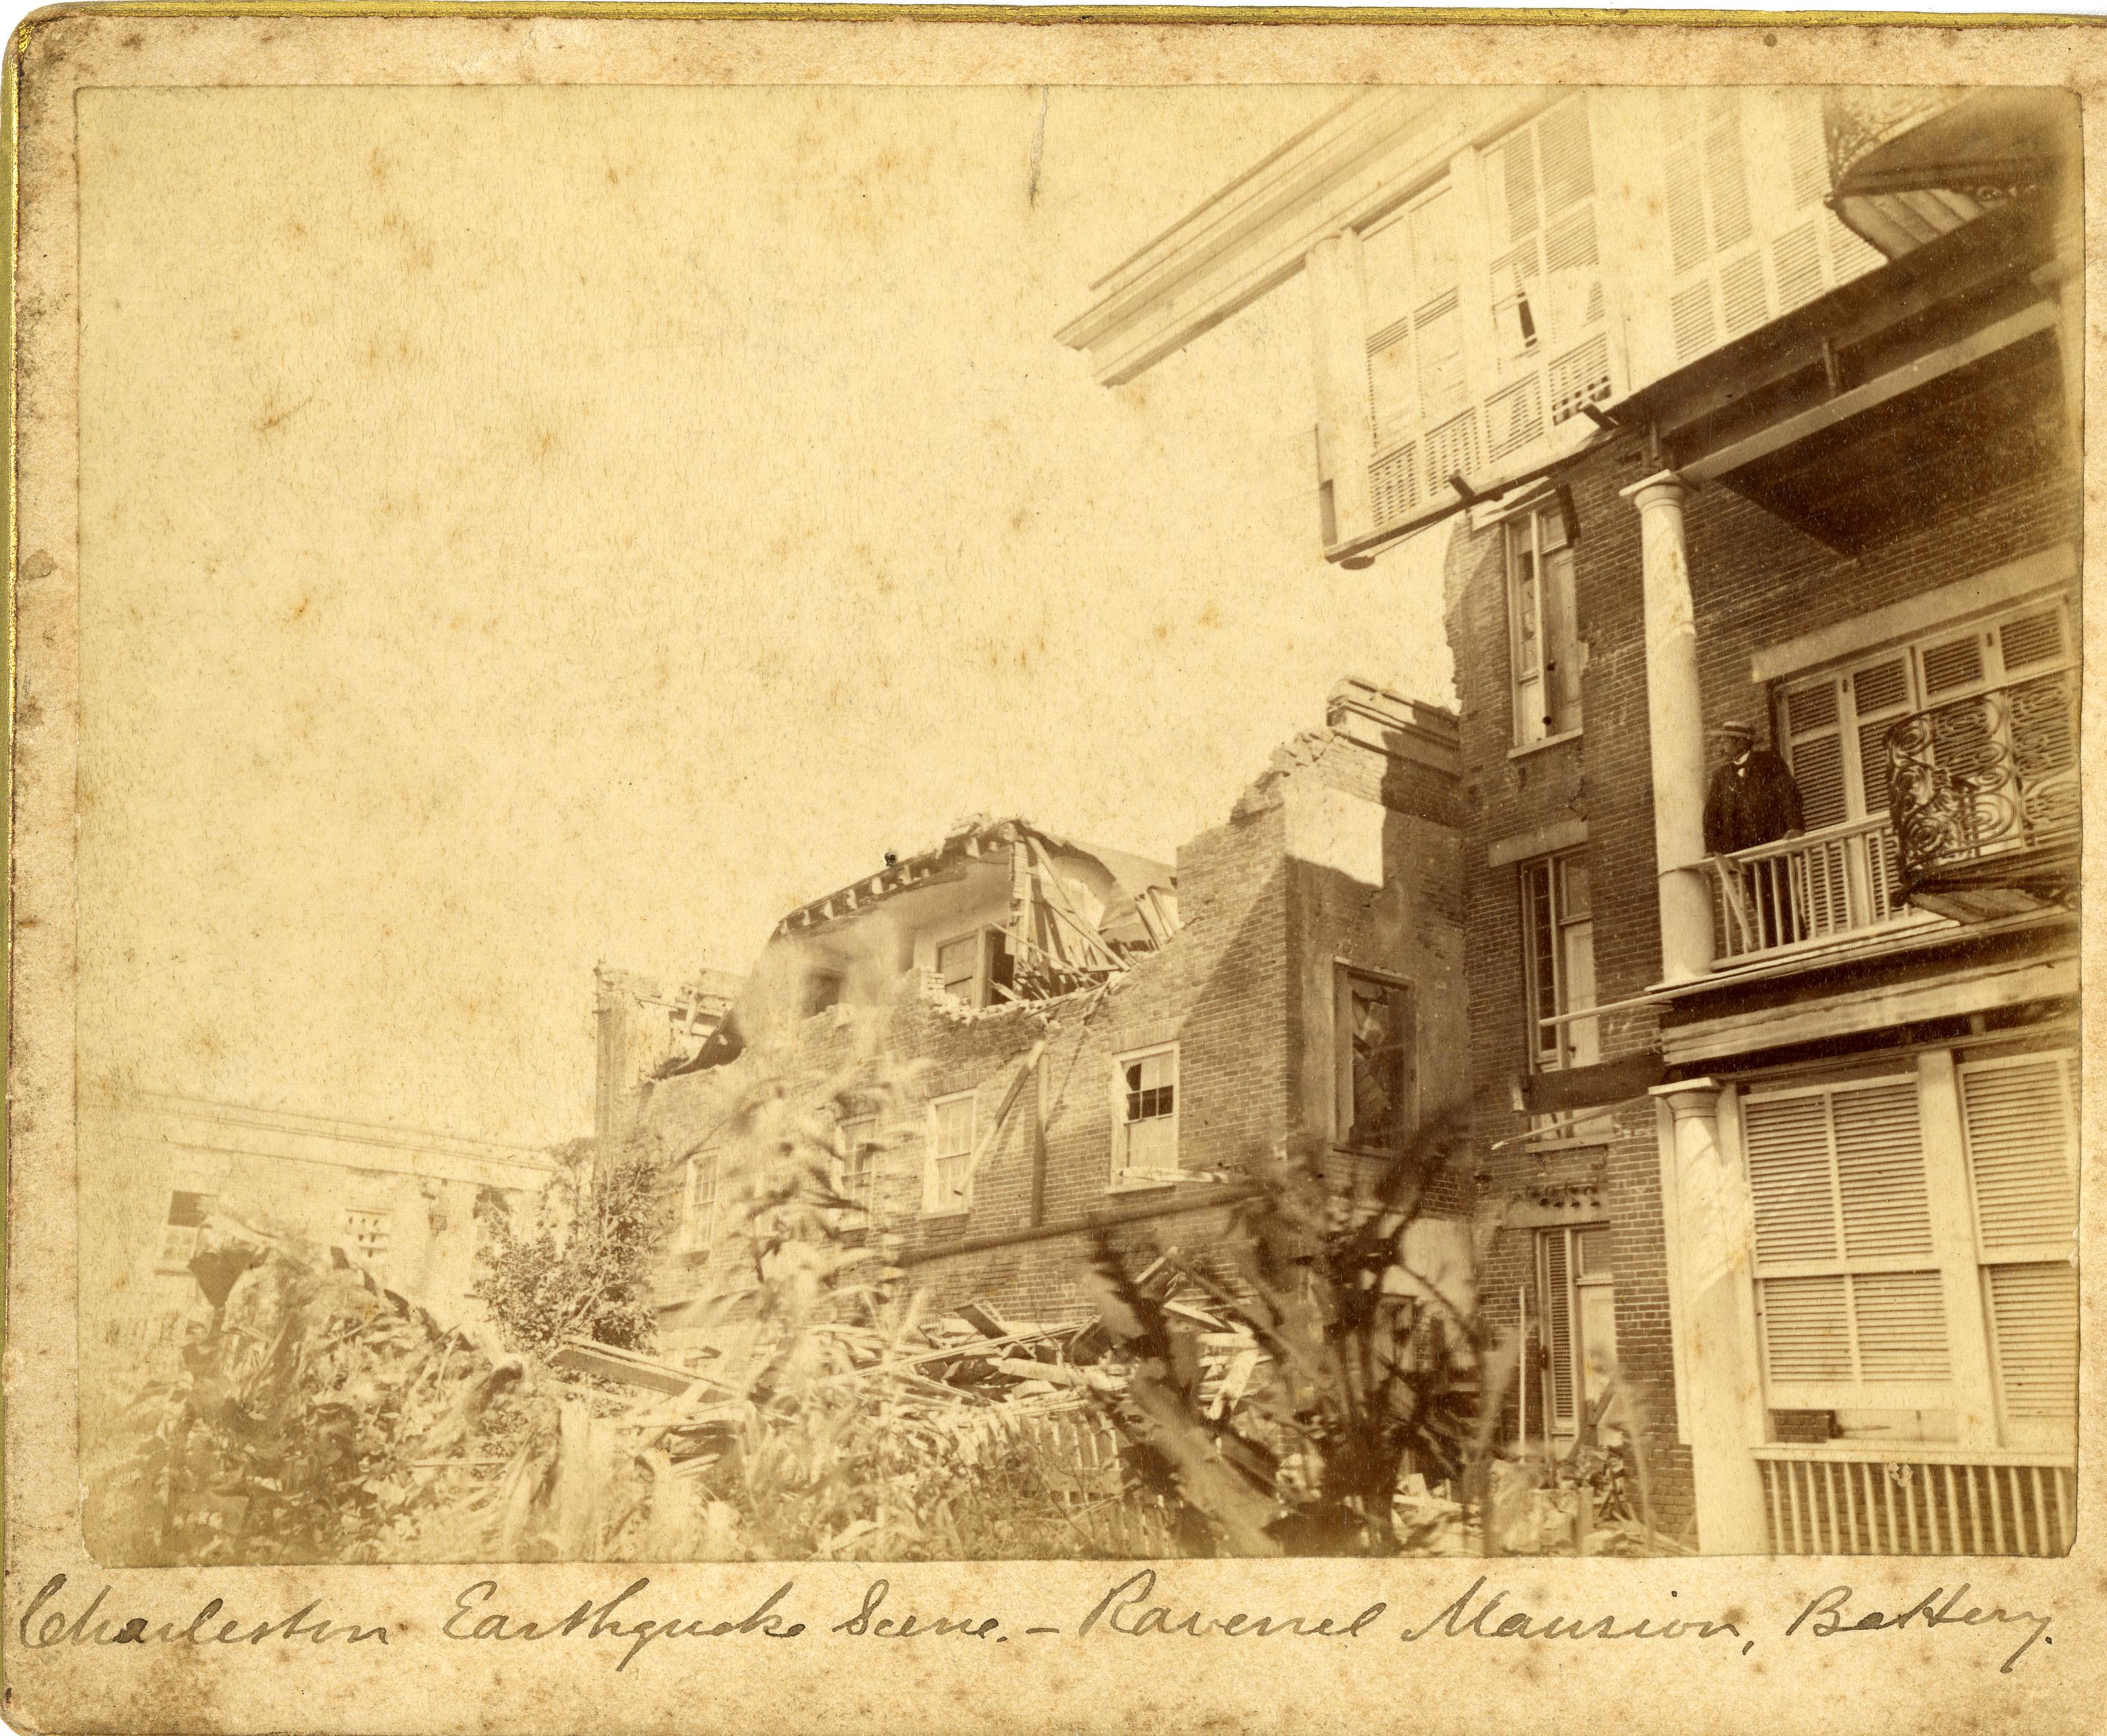 East Battery, Ravenel residence